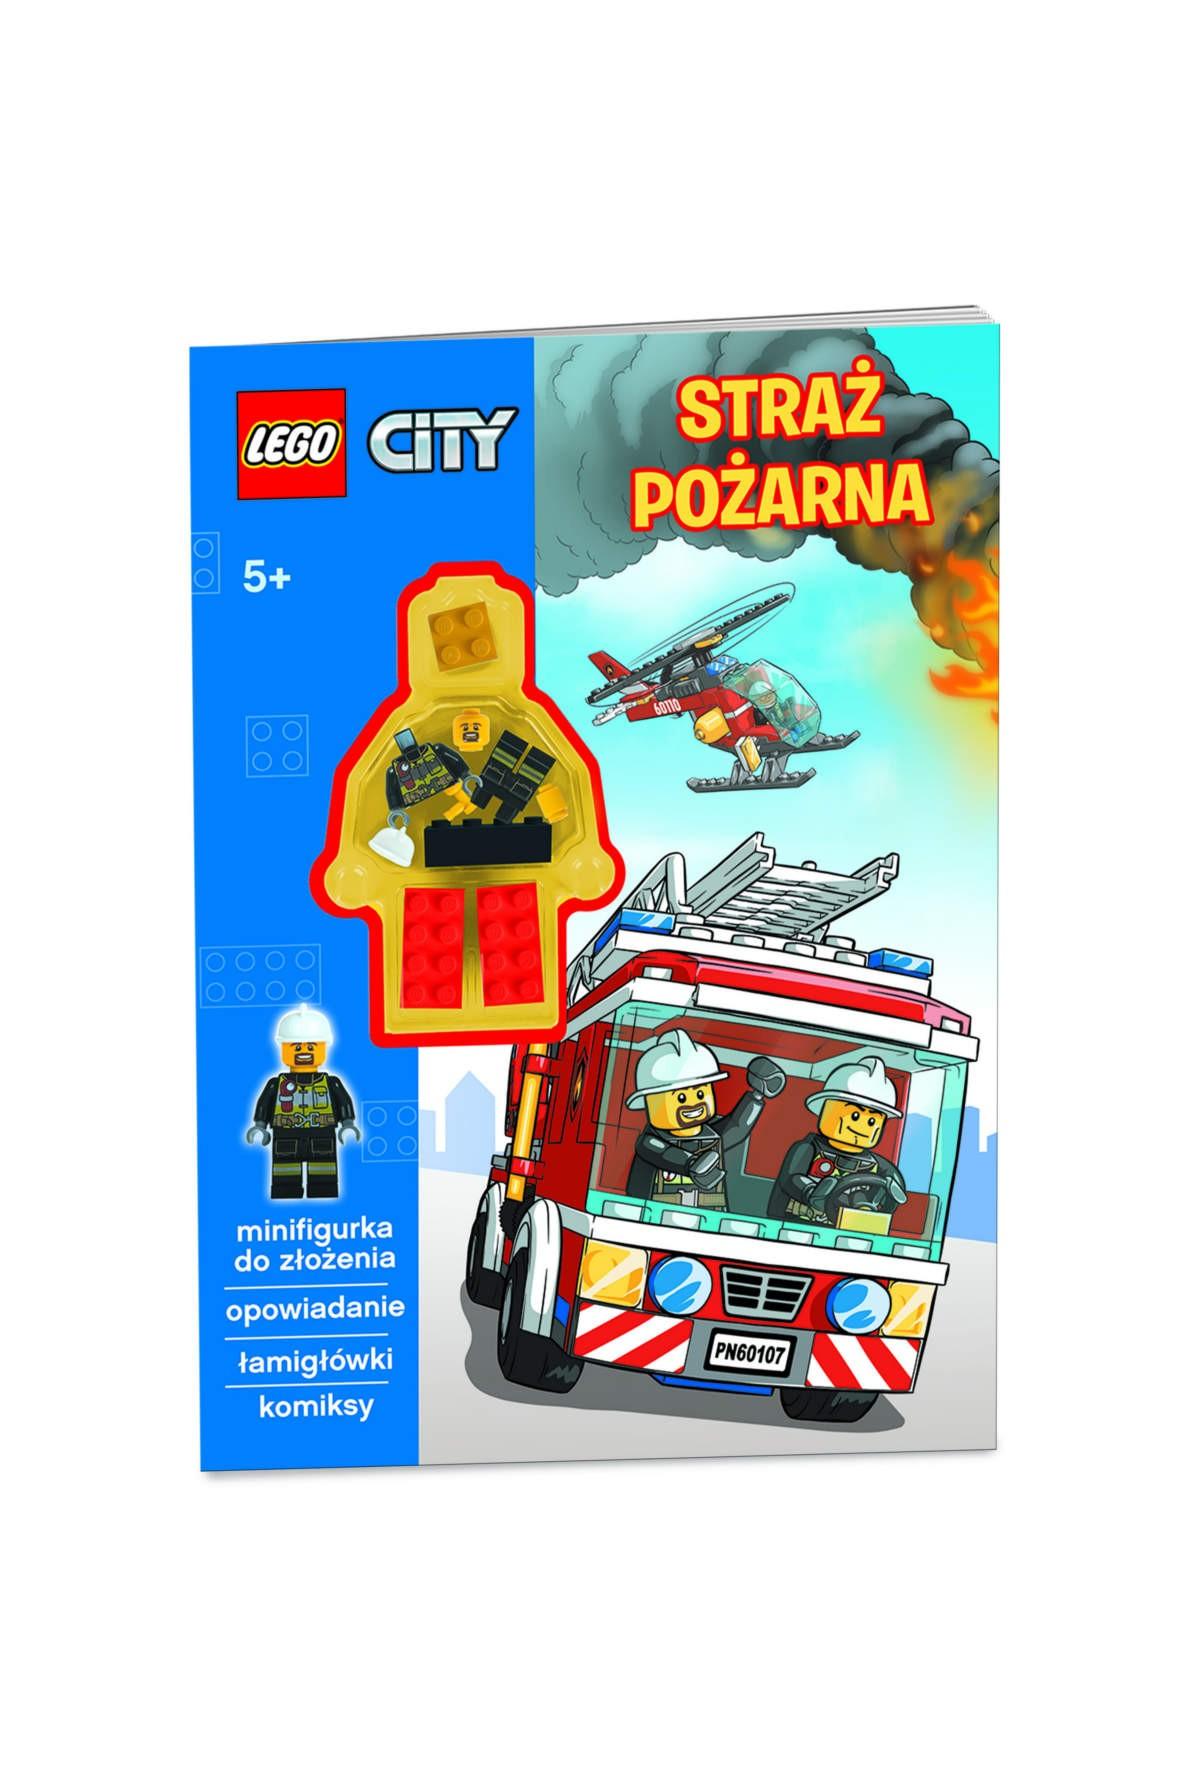 Książka Lego City z minifigurką